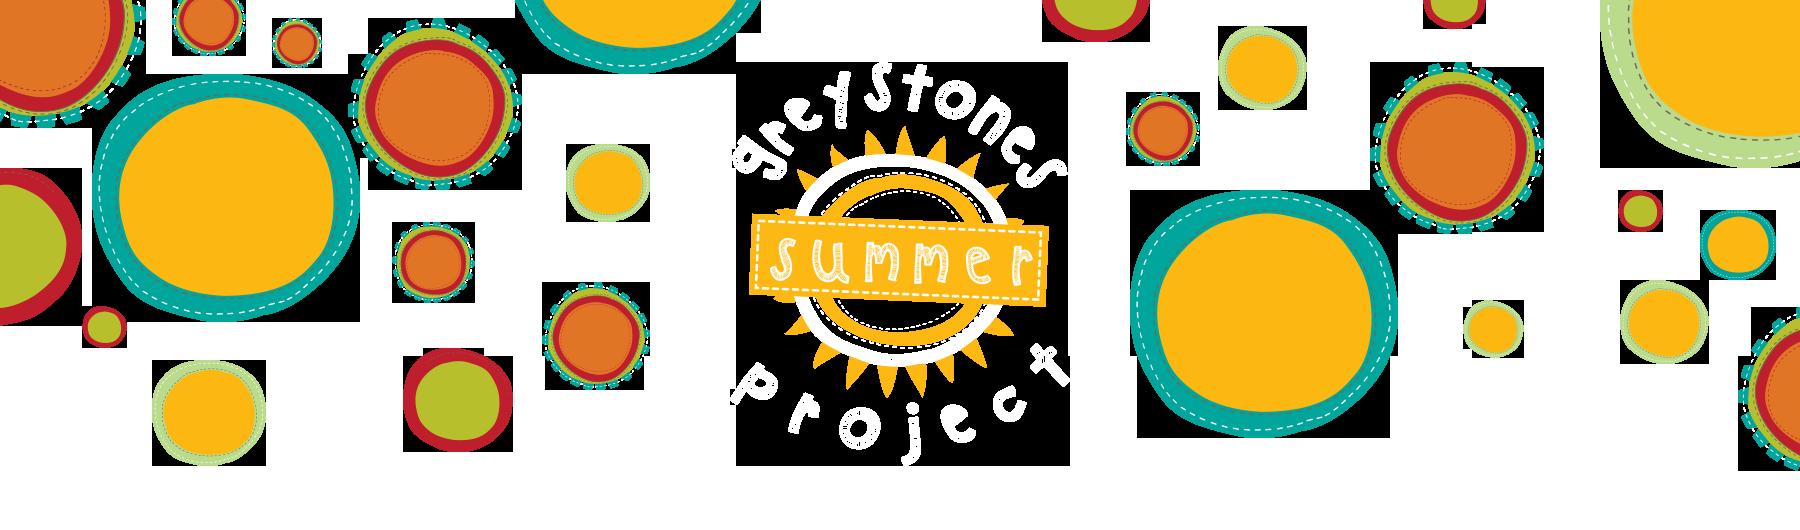 Greystones Summer Project 2019 - Registration